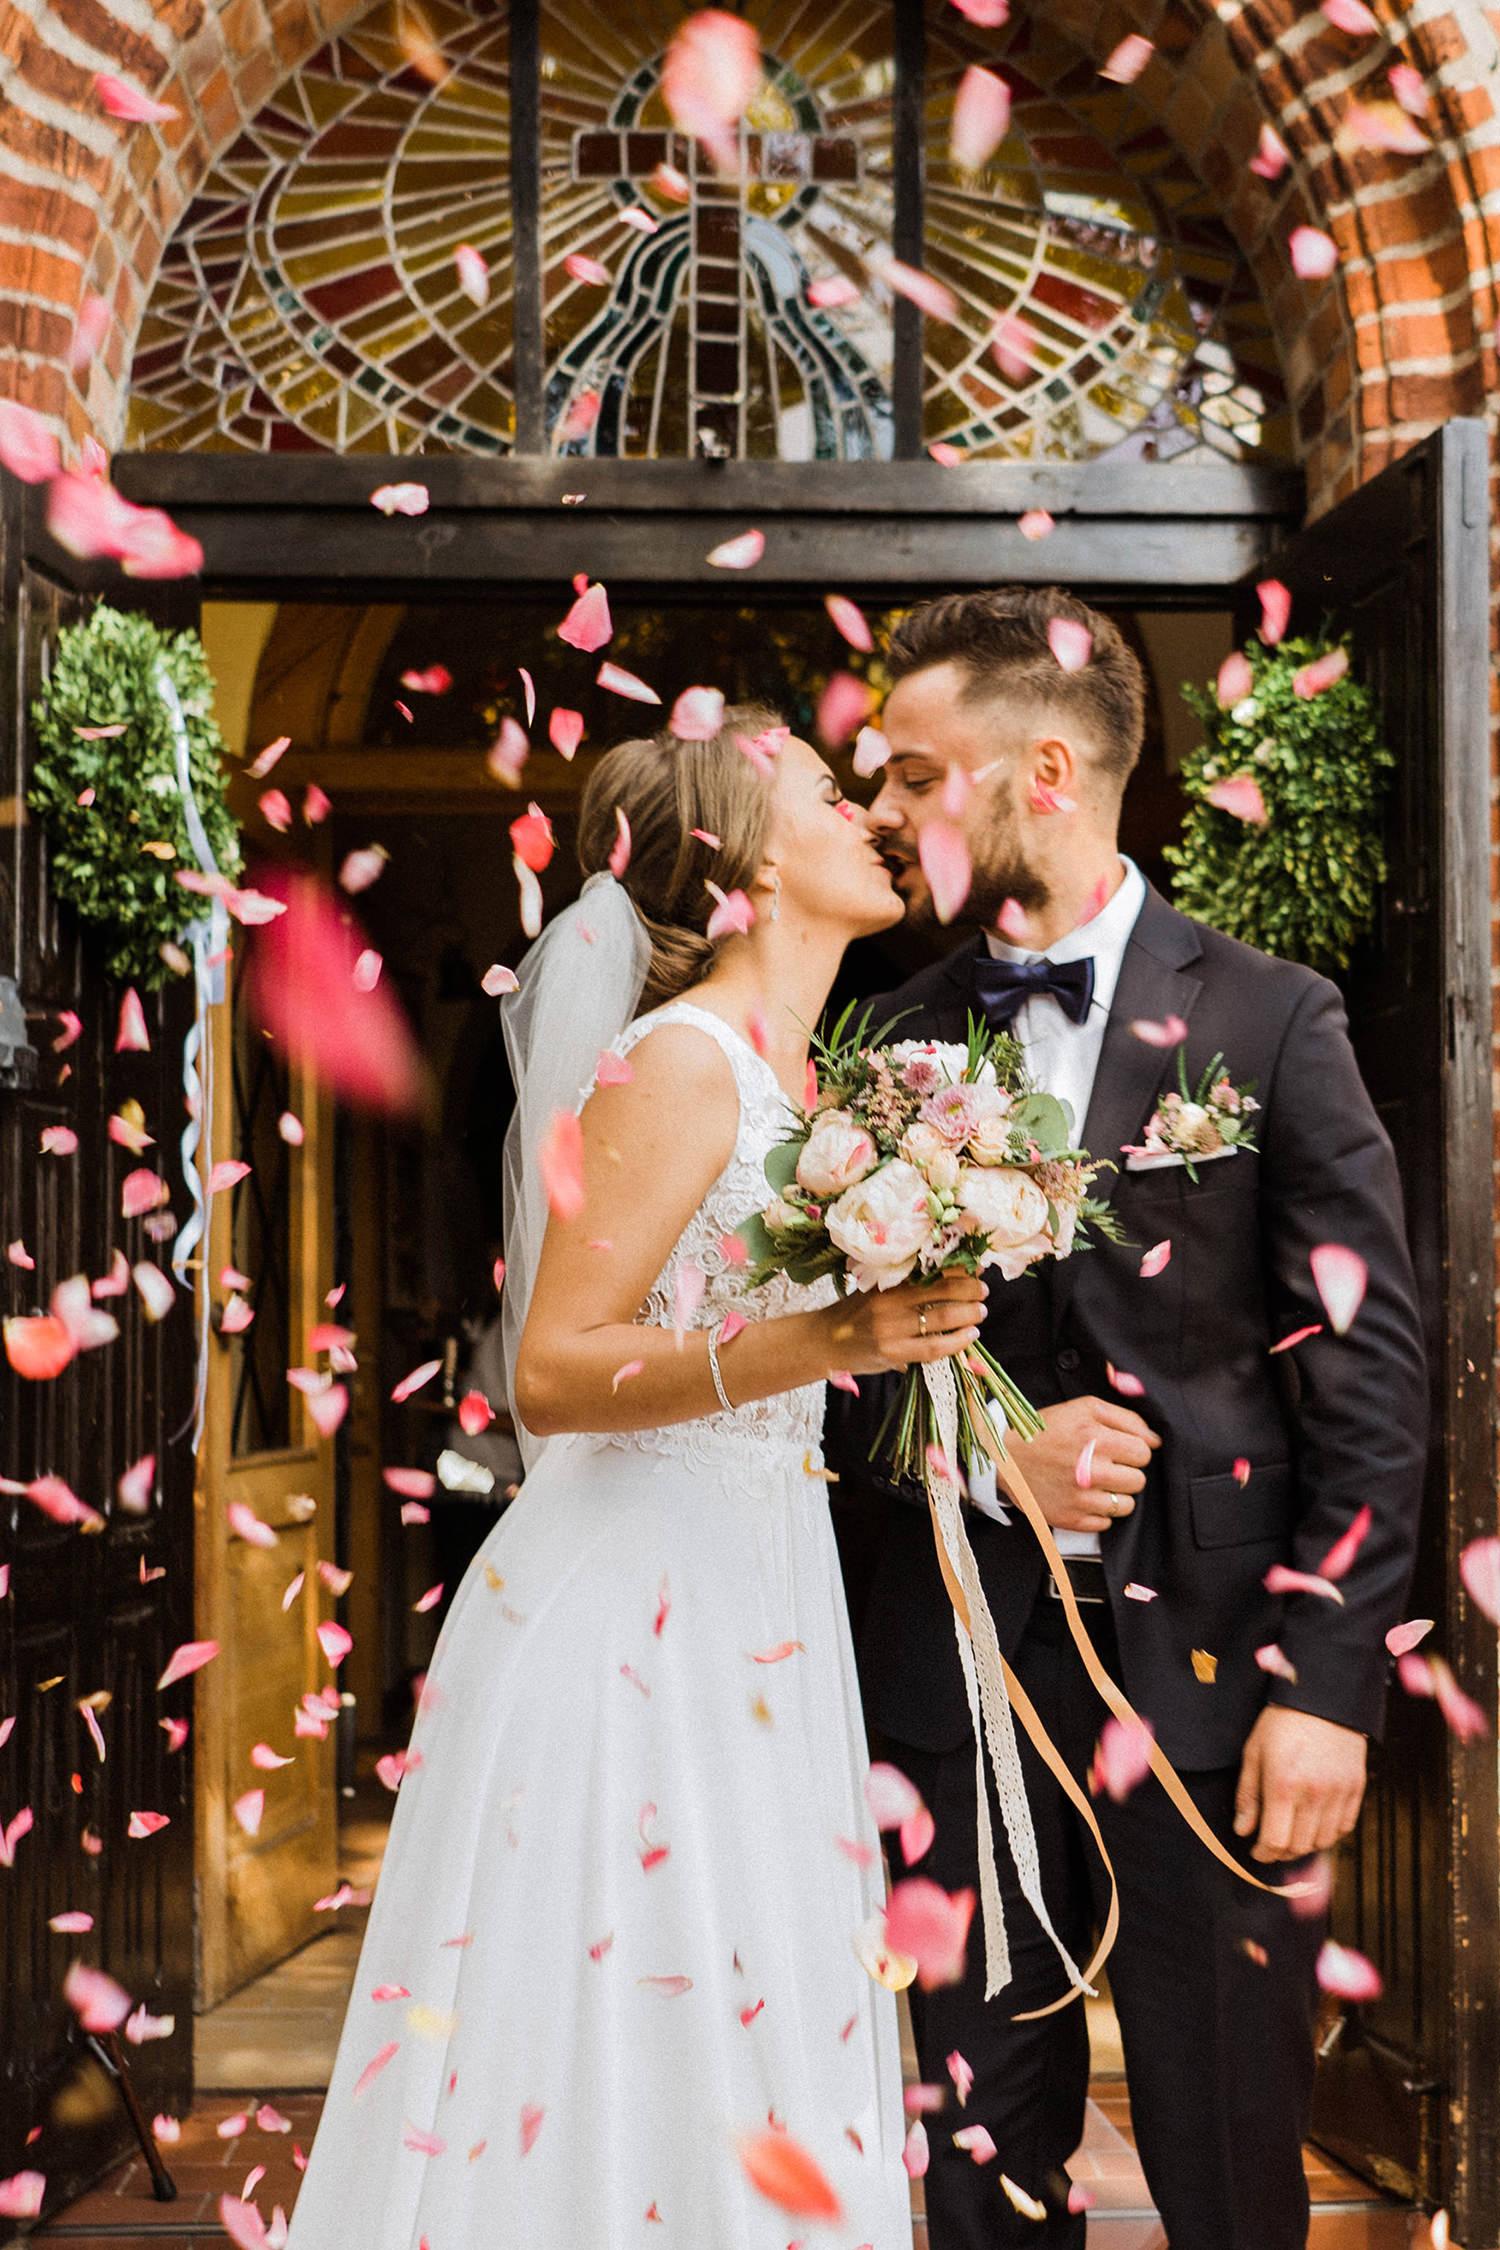 Najlepsze zdjęcia ślubne w 2018 roku 9